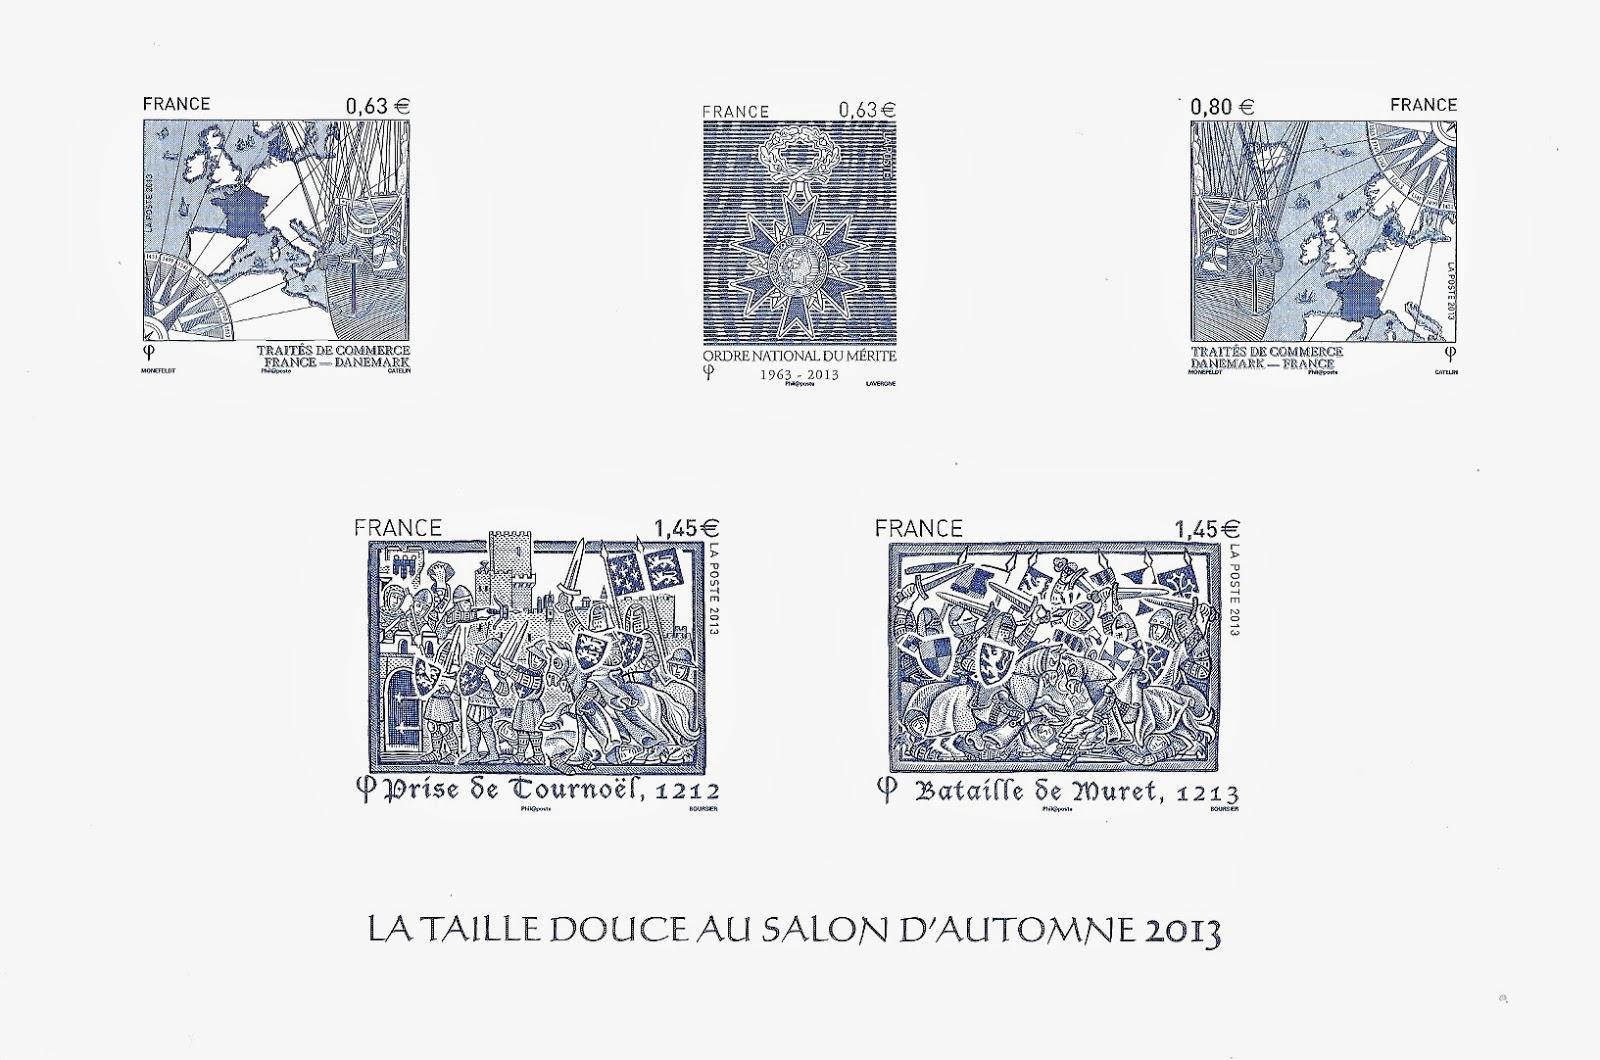 Blog timbr de ma philat lie la taille douce au salon d 39 automne 2013 - Taille des rosiers automne ...